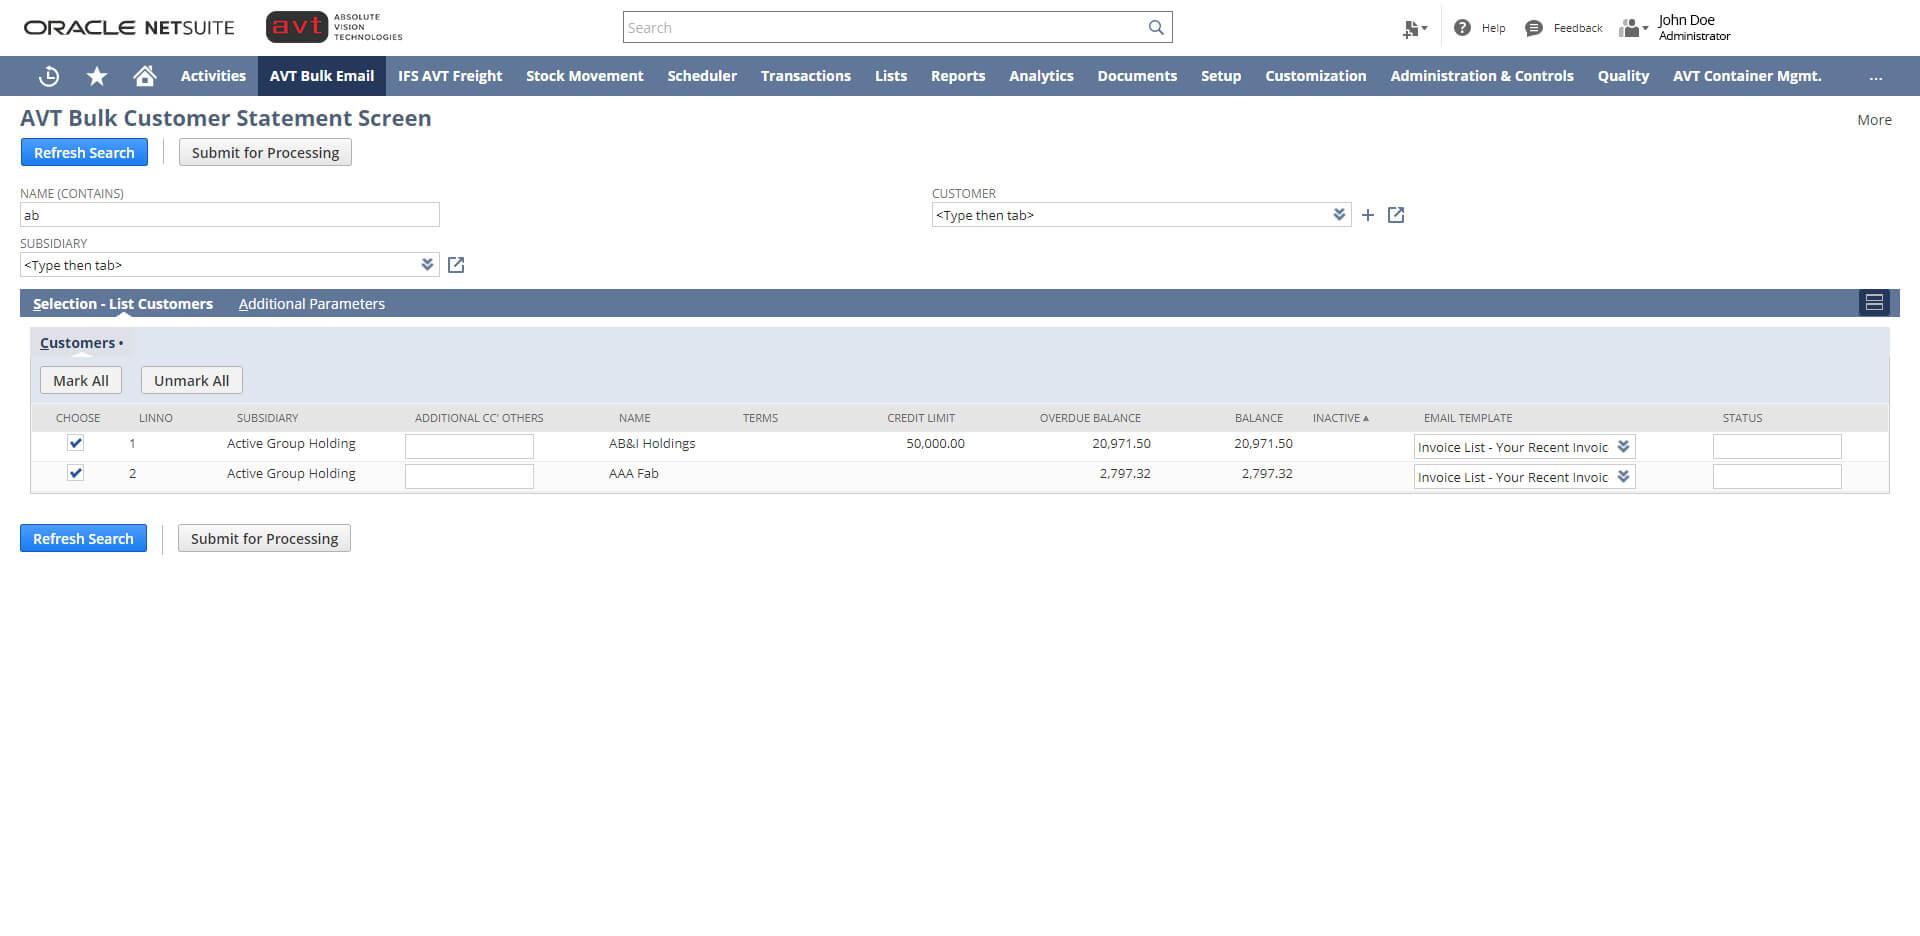 AVT Bulk Invoicing App - Screen 1